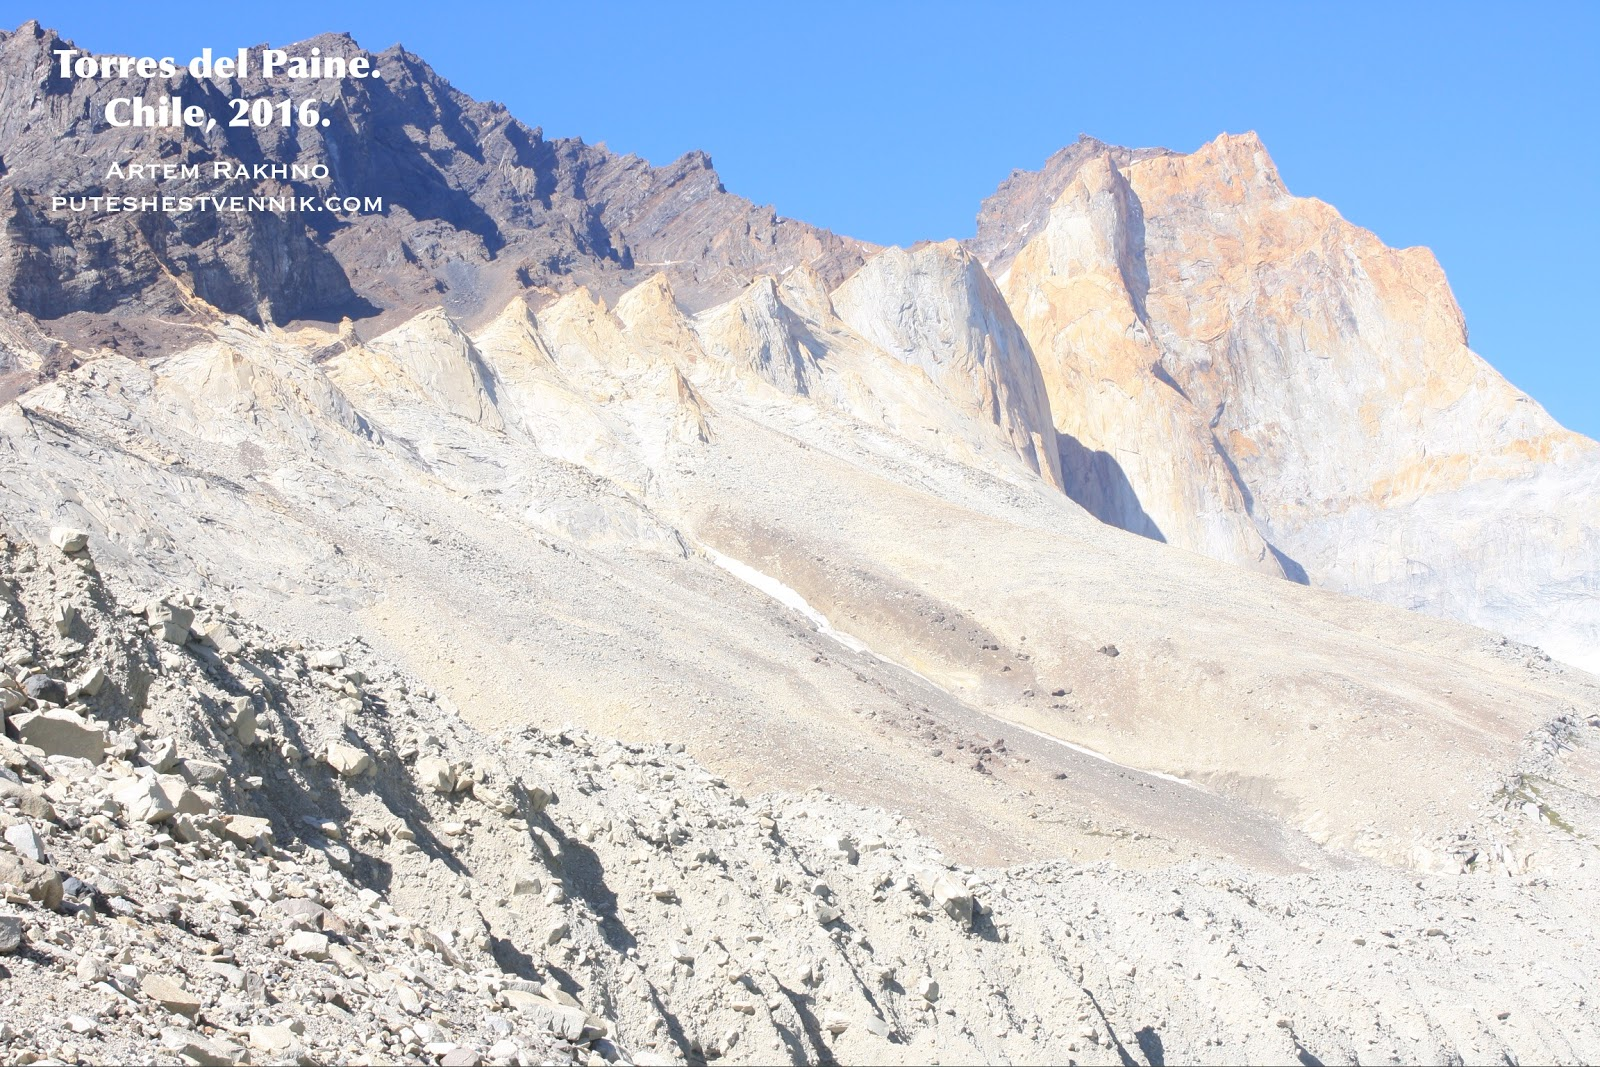 Горы в национальном парке Торрес-дель-Пайне